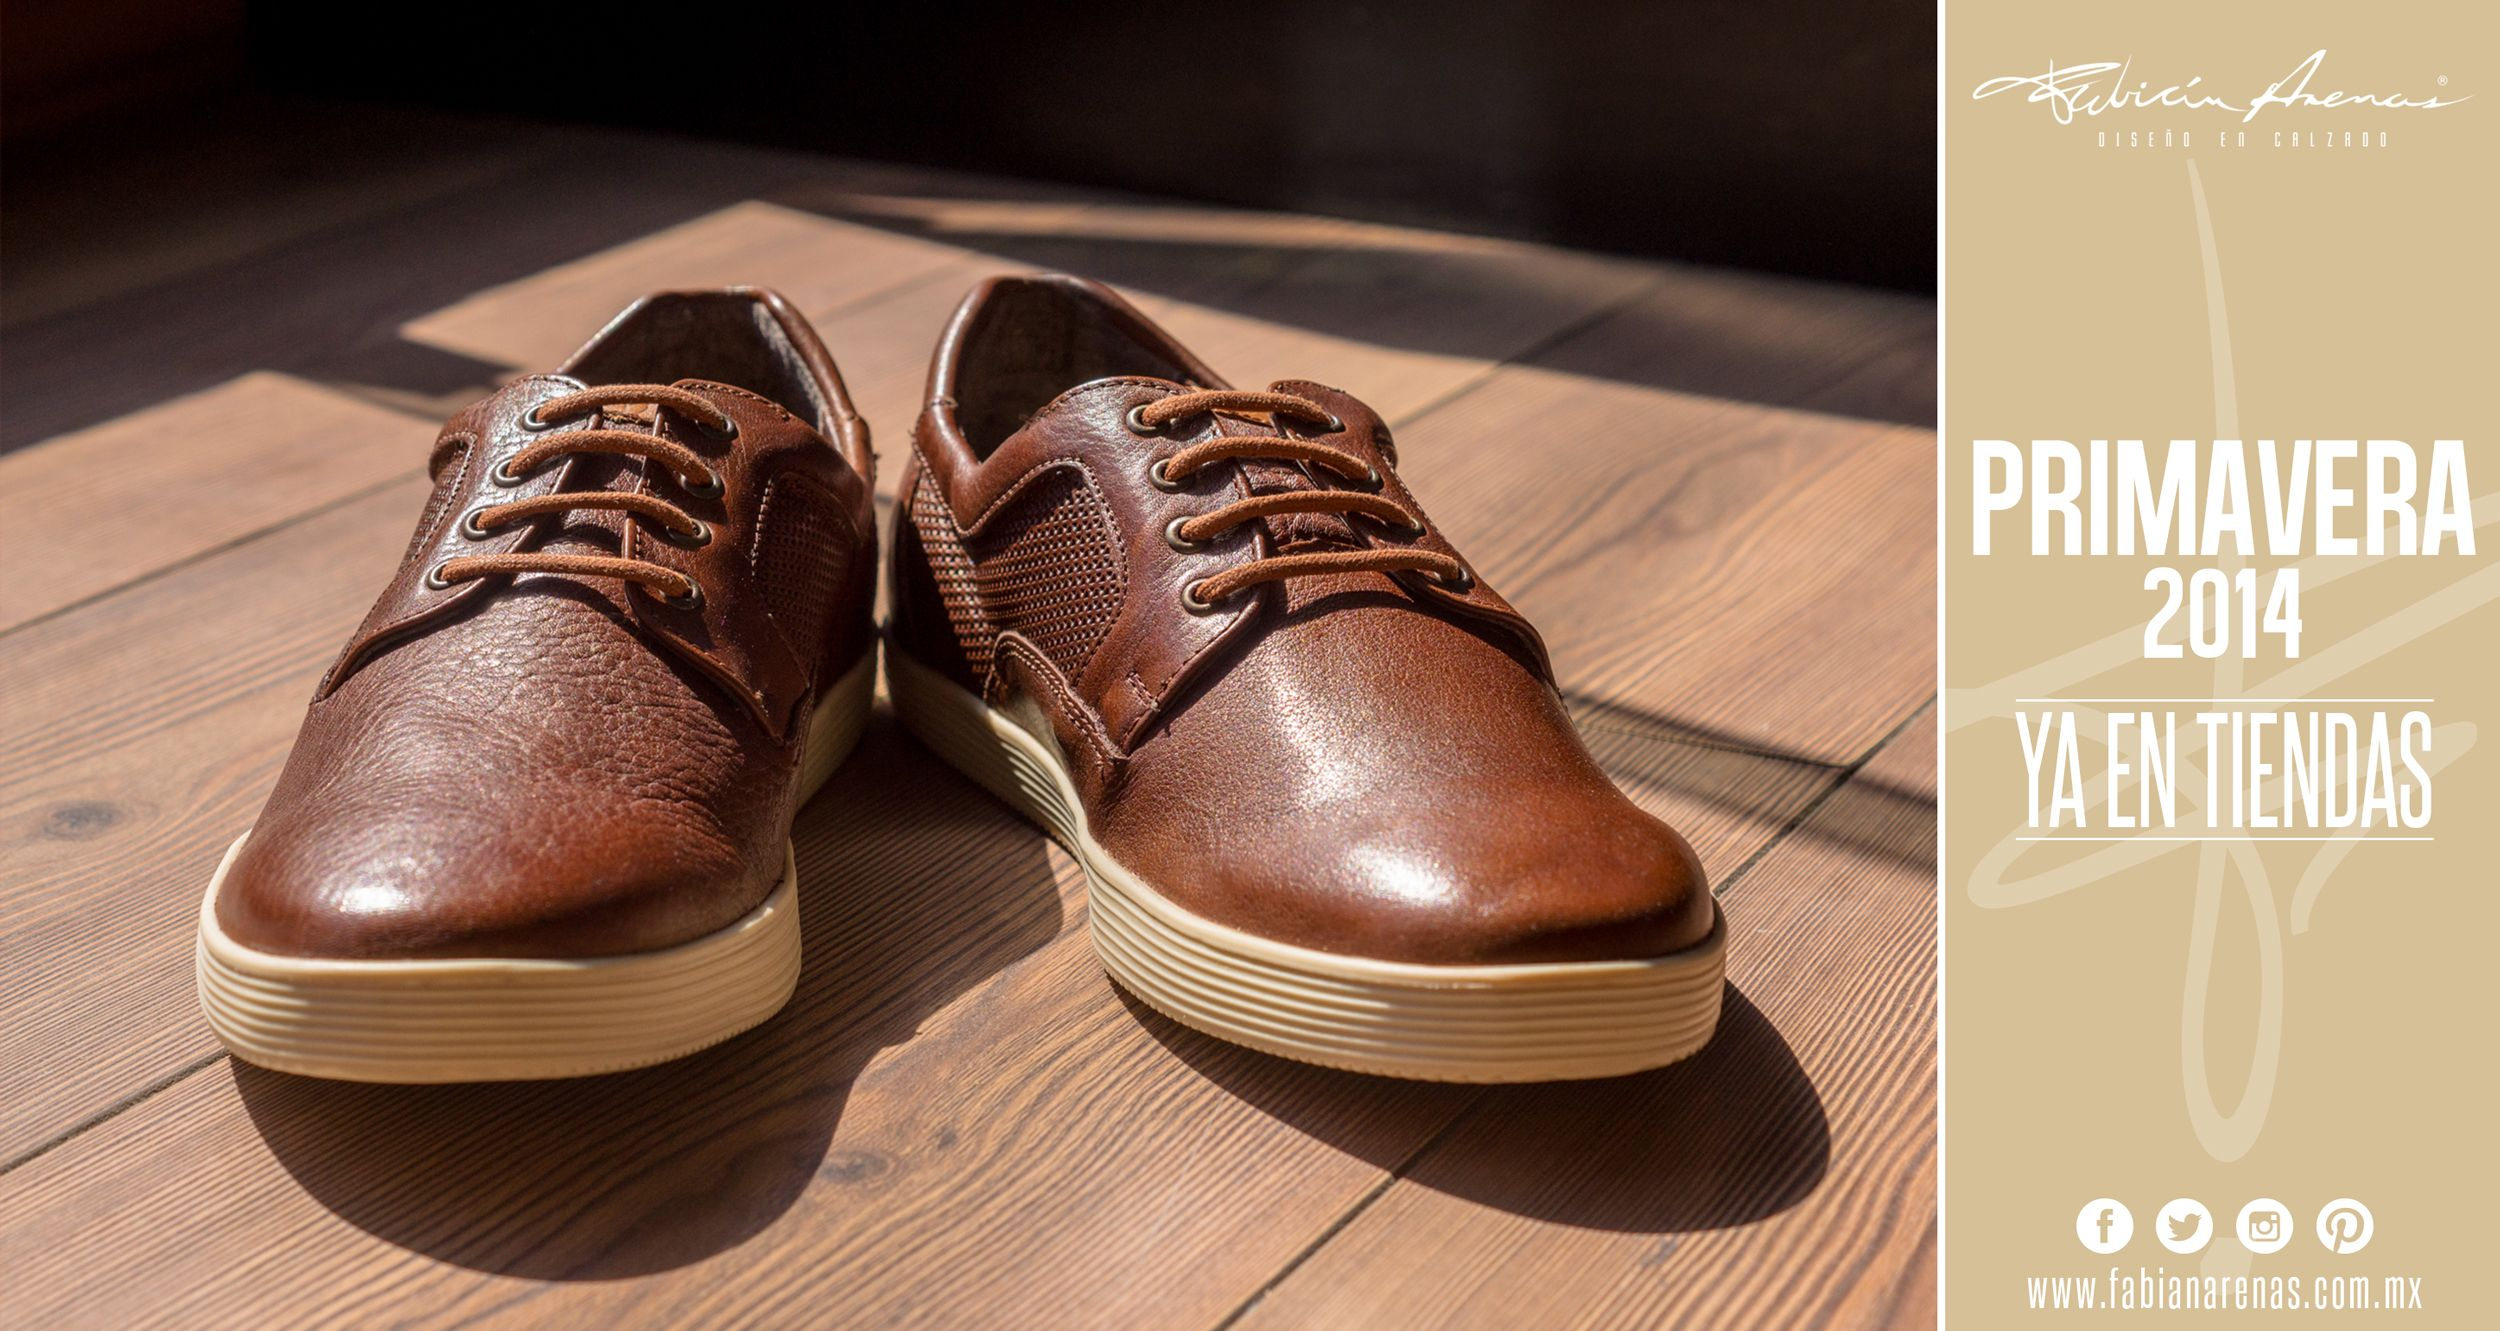 Fabian Arenas | Diseño en calzado www.fabianarenas.com.mx #FabianArenas #HechoenMexico #shoes #zapatos #calzado #mens #men #hombres #hombre #fashion #moda #urban #street #trend #design #diseño #style #estilo #summer #spring #primavera #verano